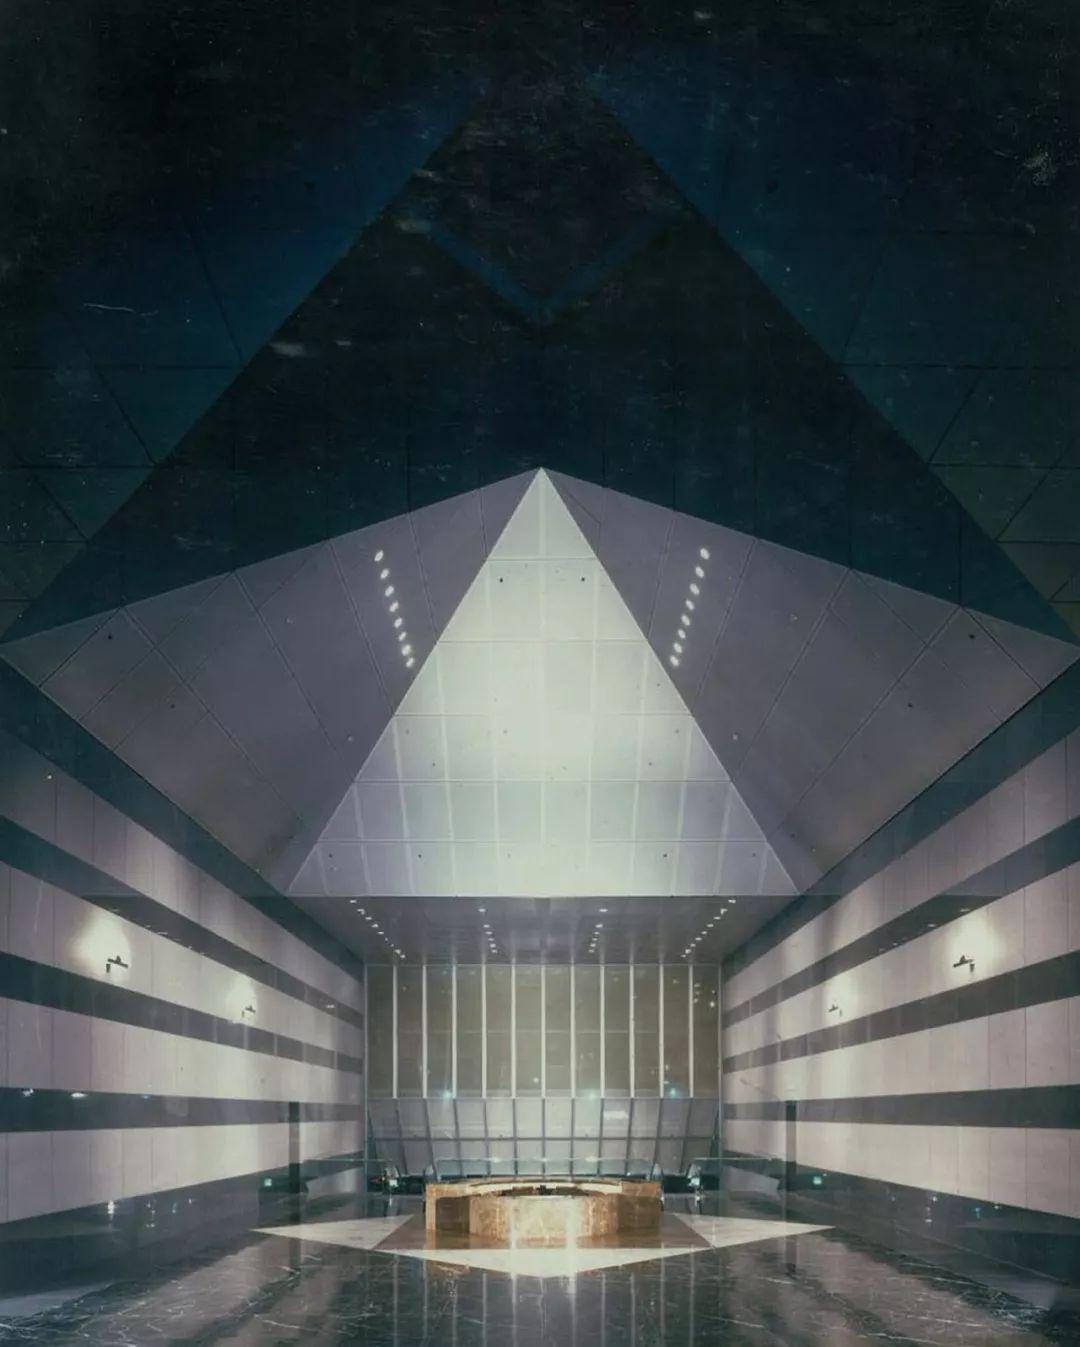 致敬贝聿铭:世界上最会用「三角形」的建筑大师_56